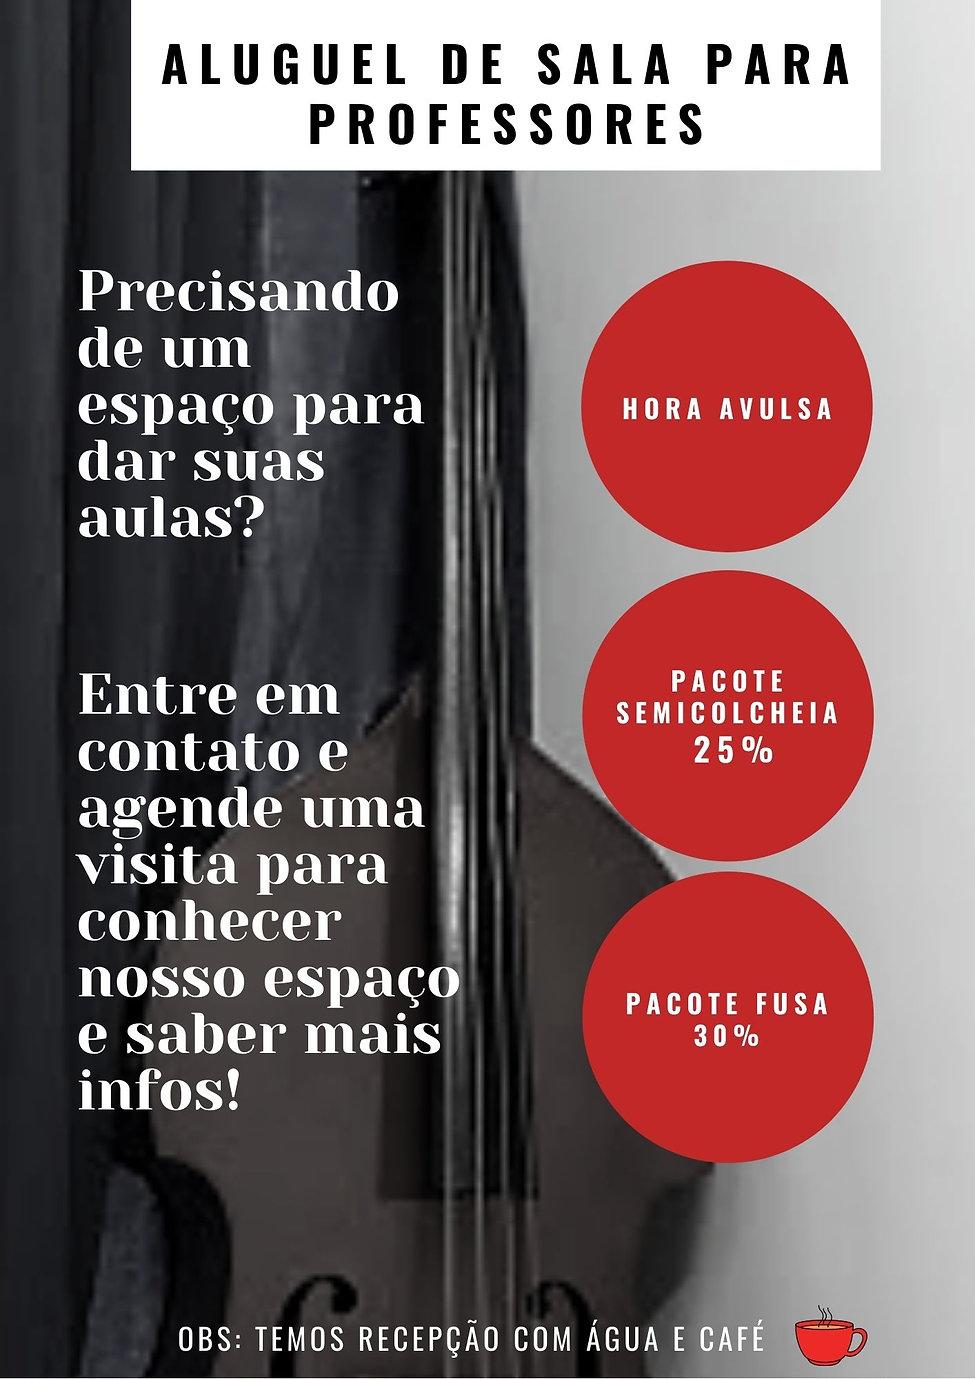 Vermelho_Branco_Preto_Financeiro_Relató